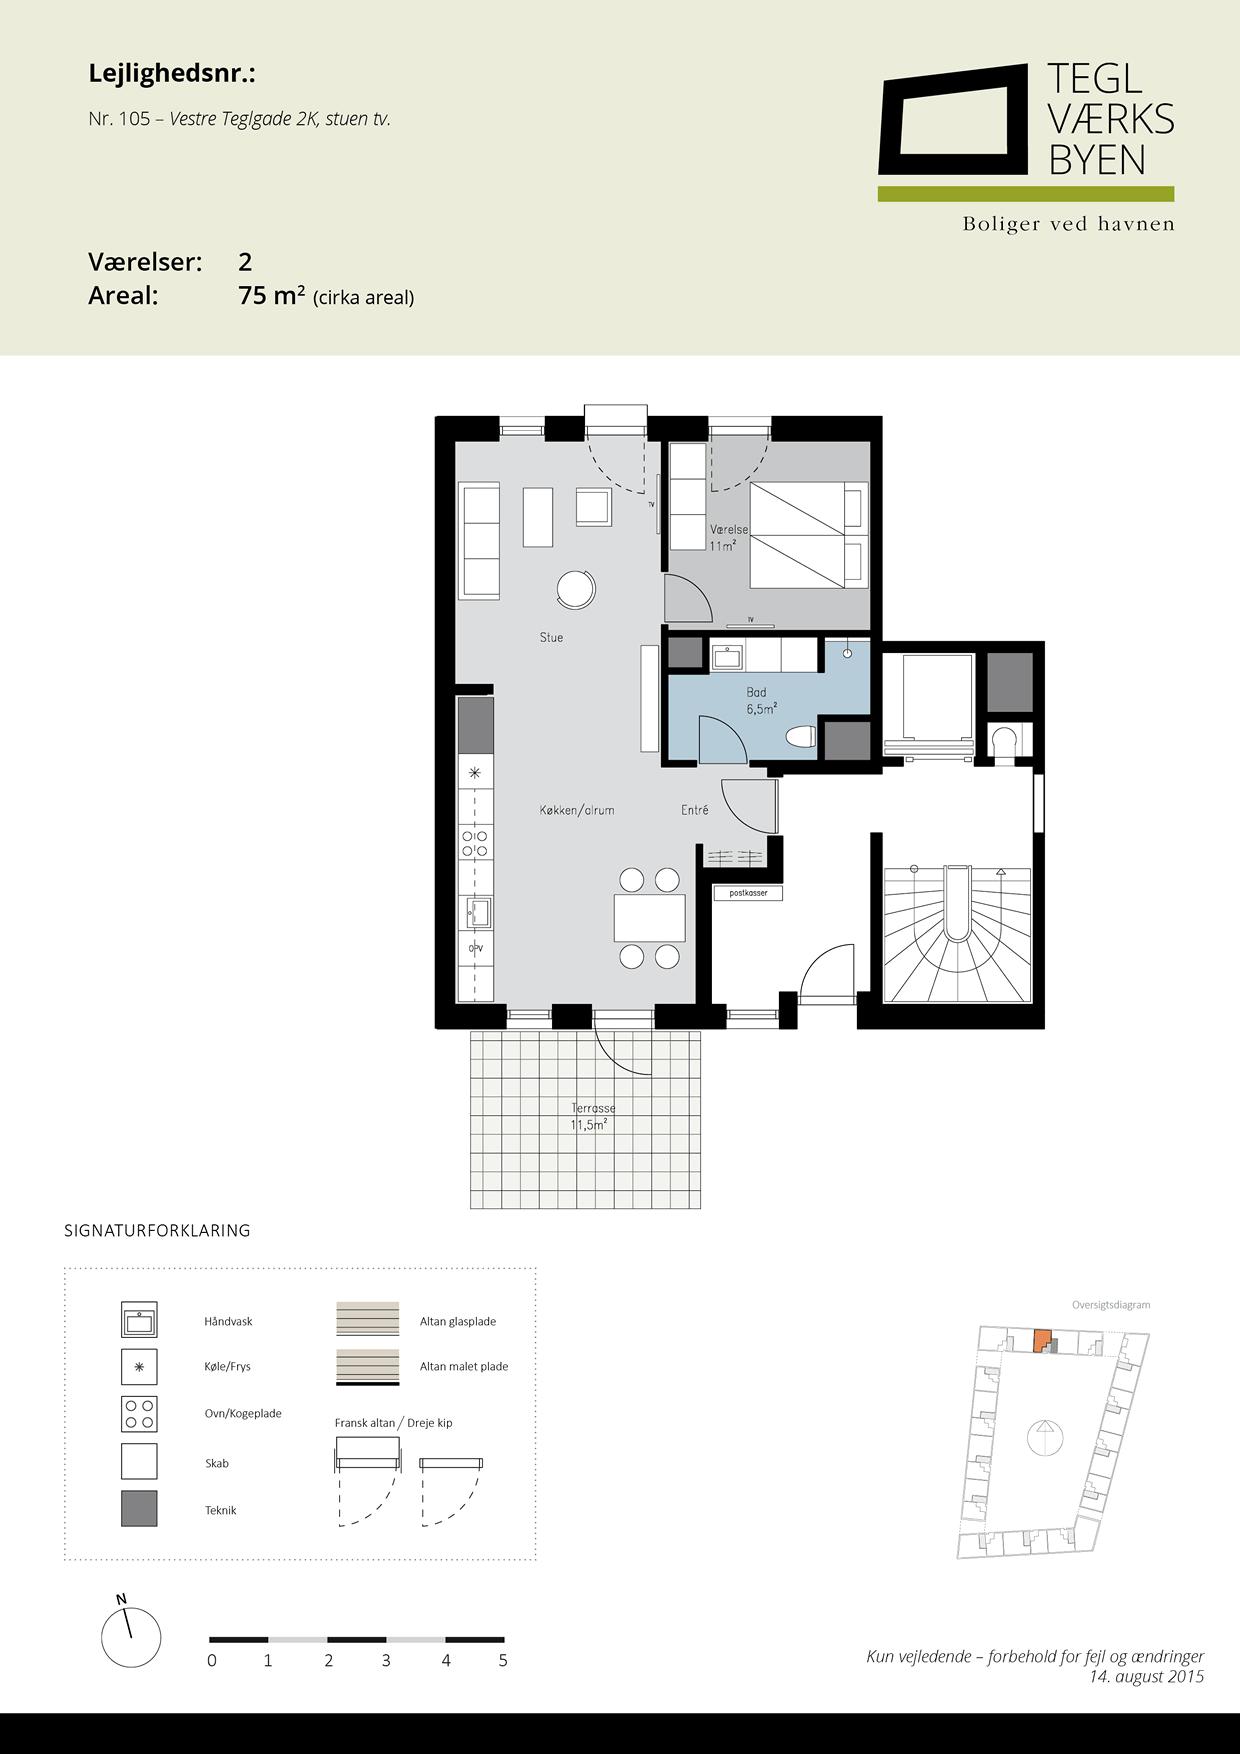 Teglvaerksbyen_105_plan